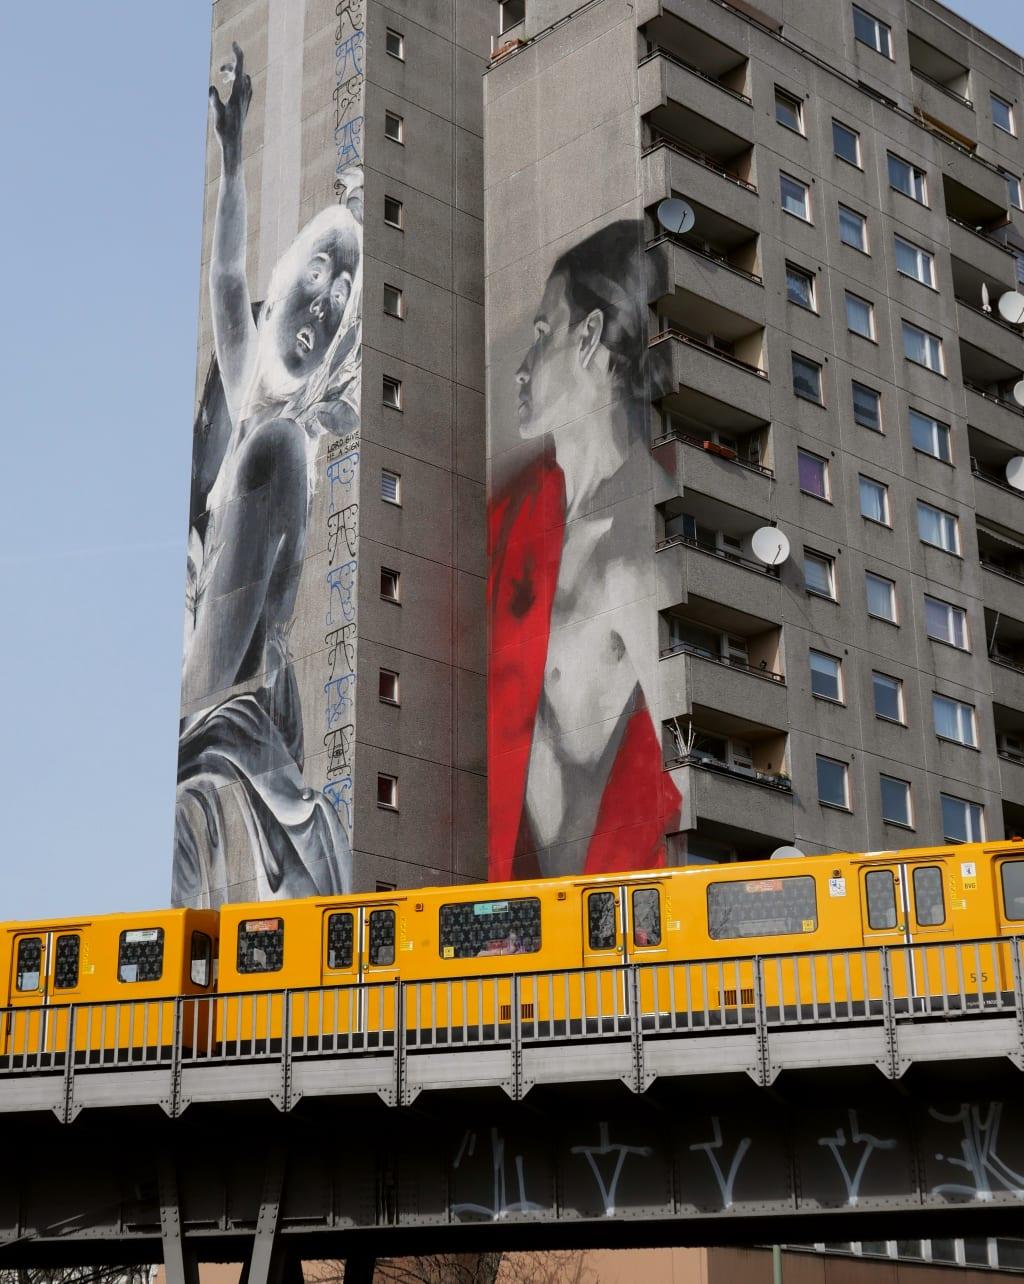 Mural an Wohnblock, davor fährt die Hochbahn